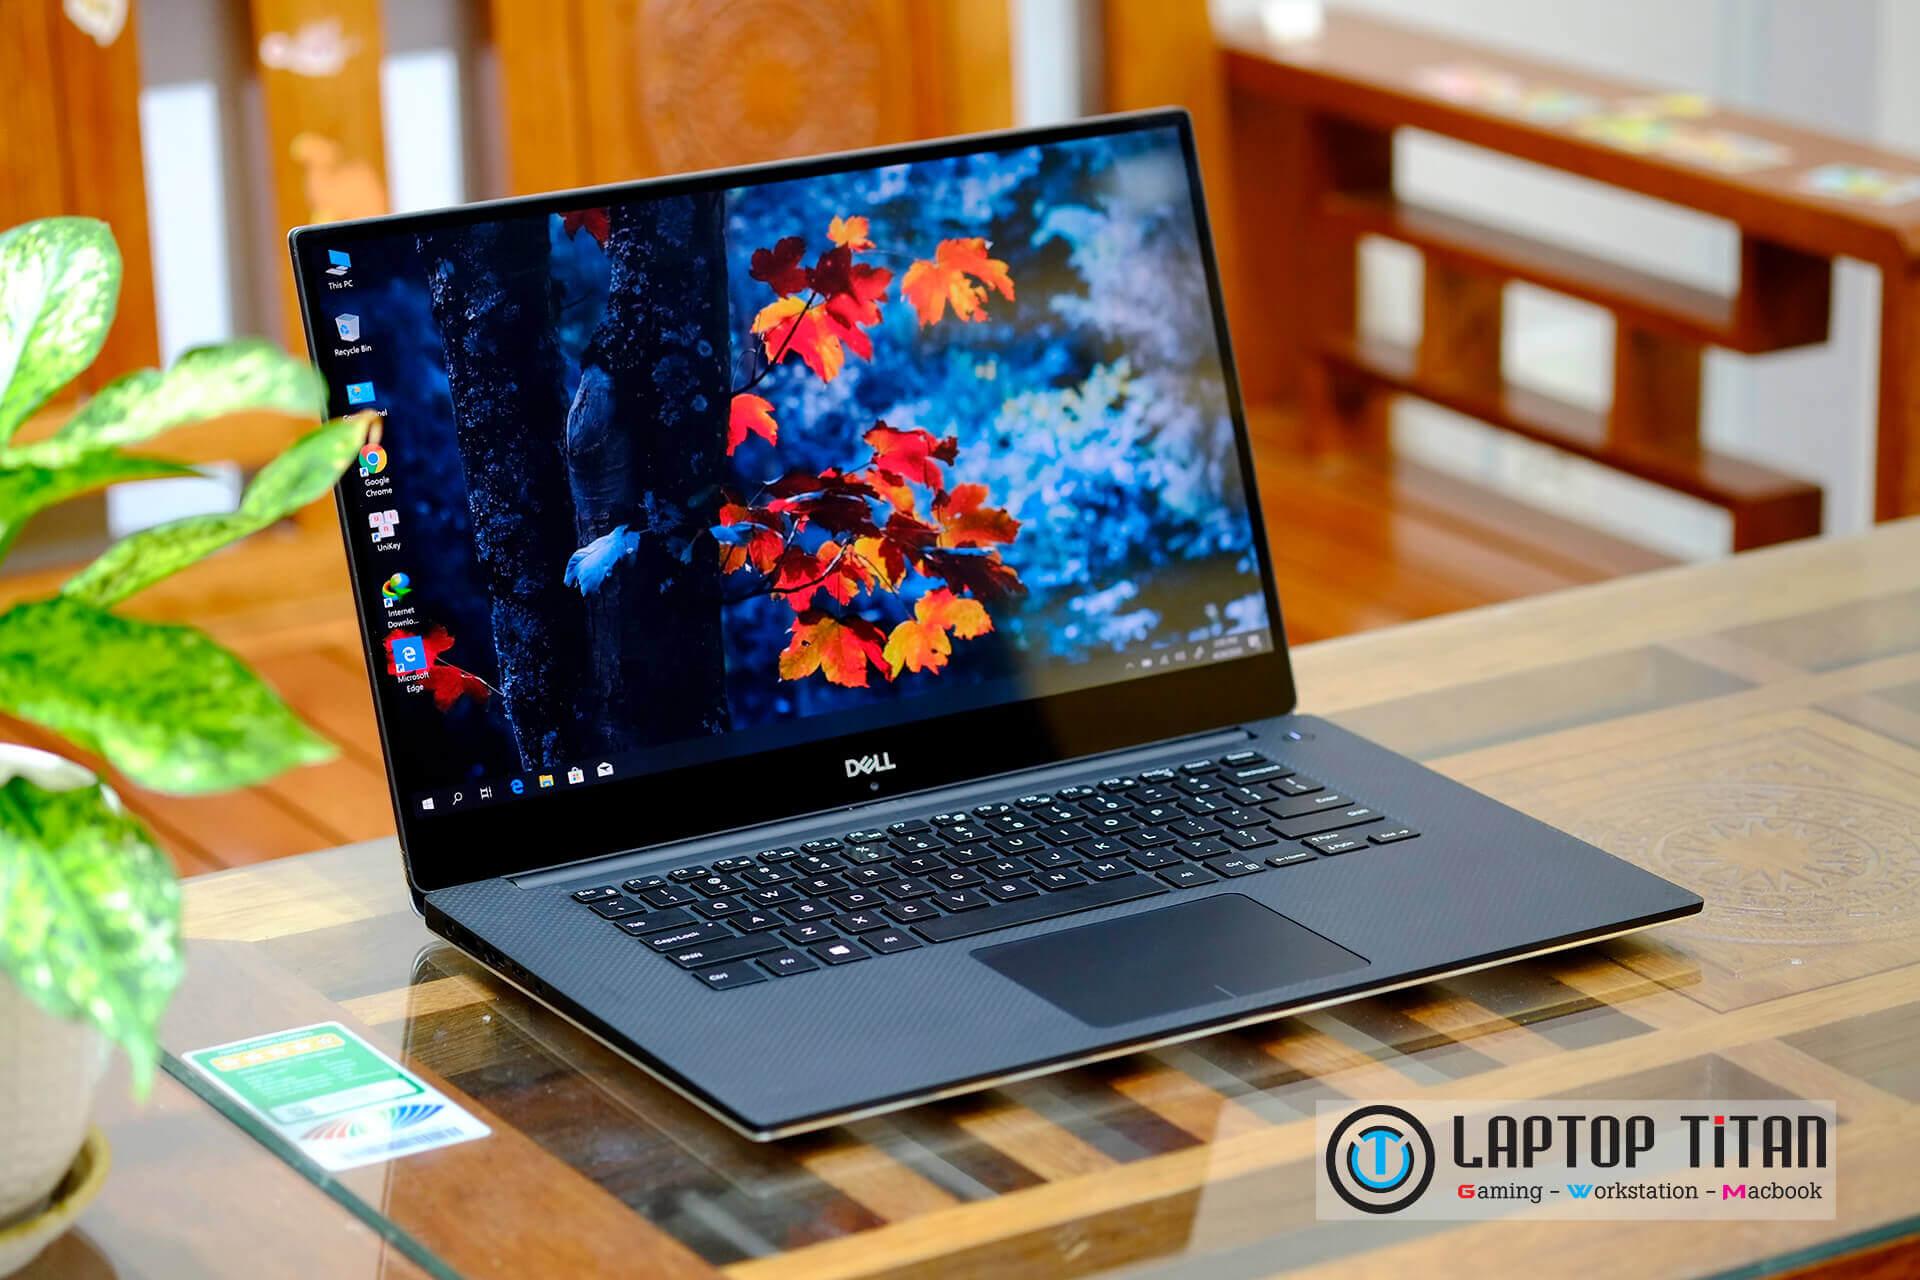 Dell Xps 15 9570 Laptoptitan 03